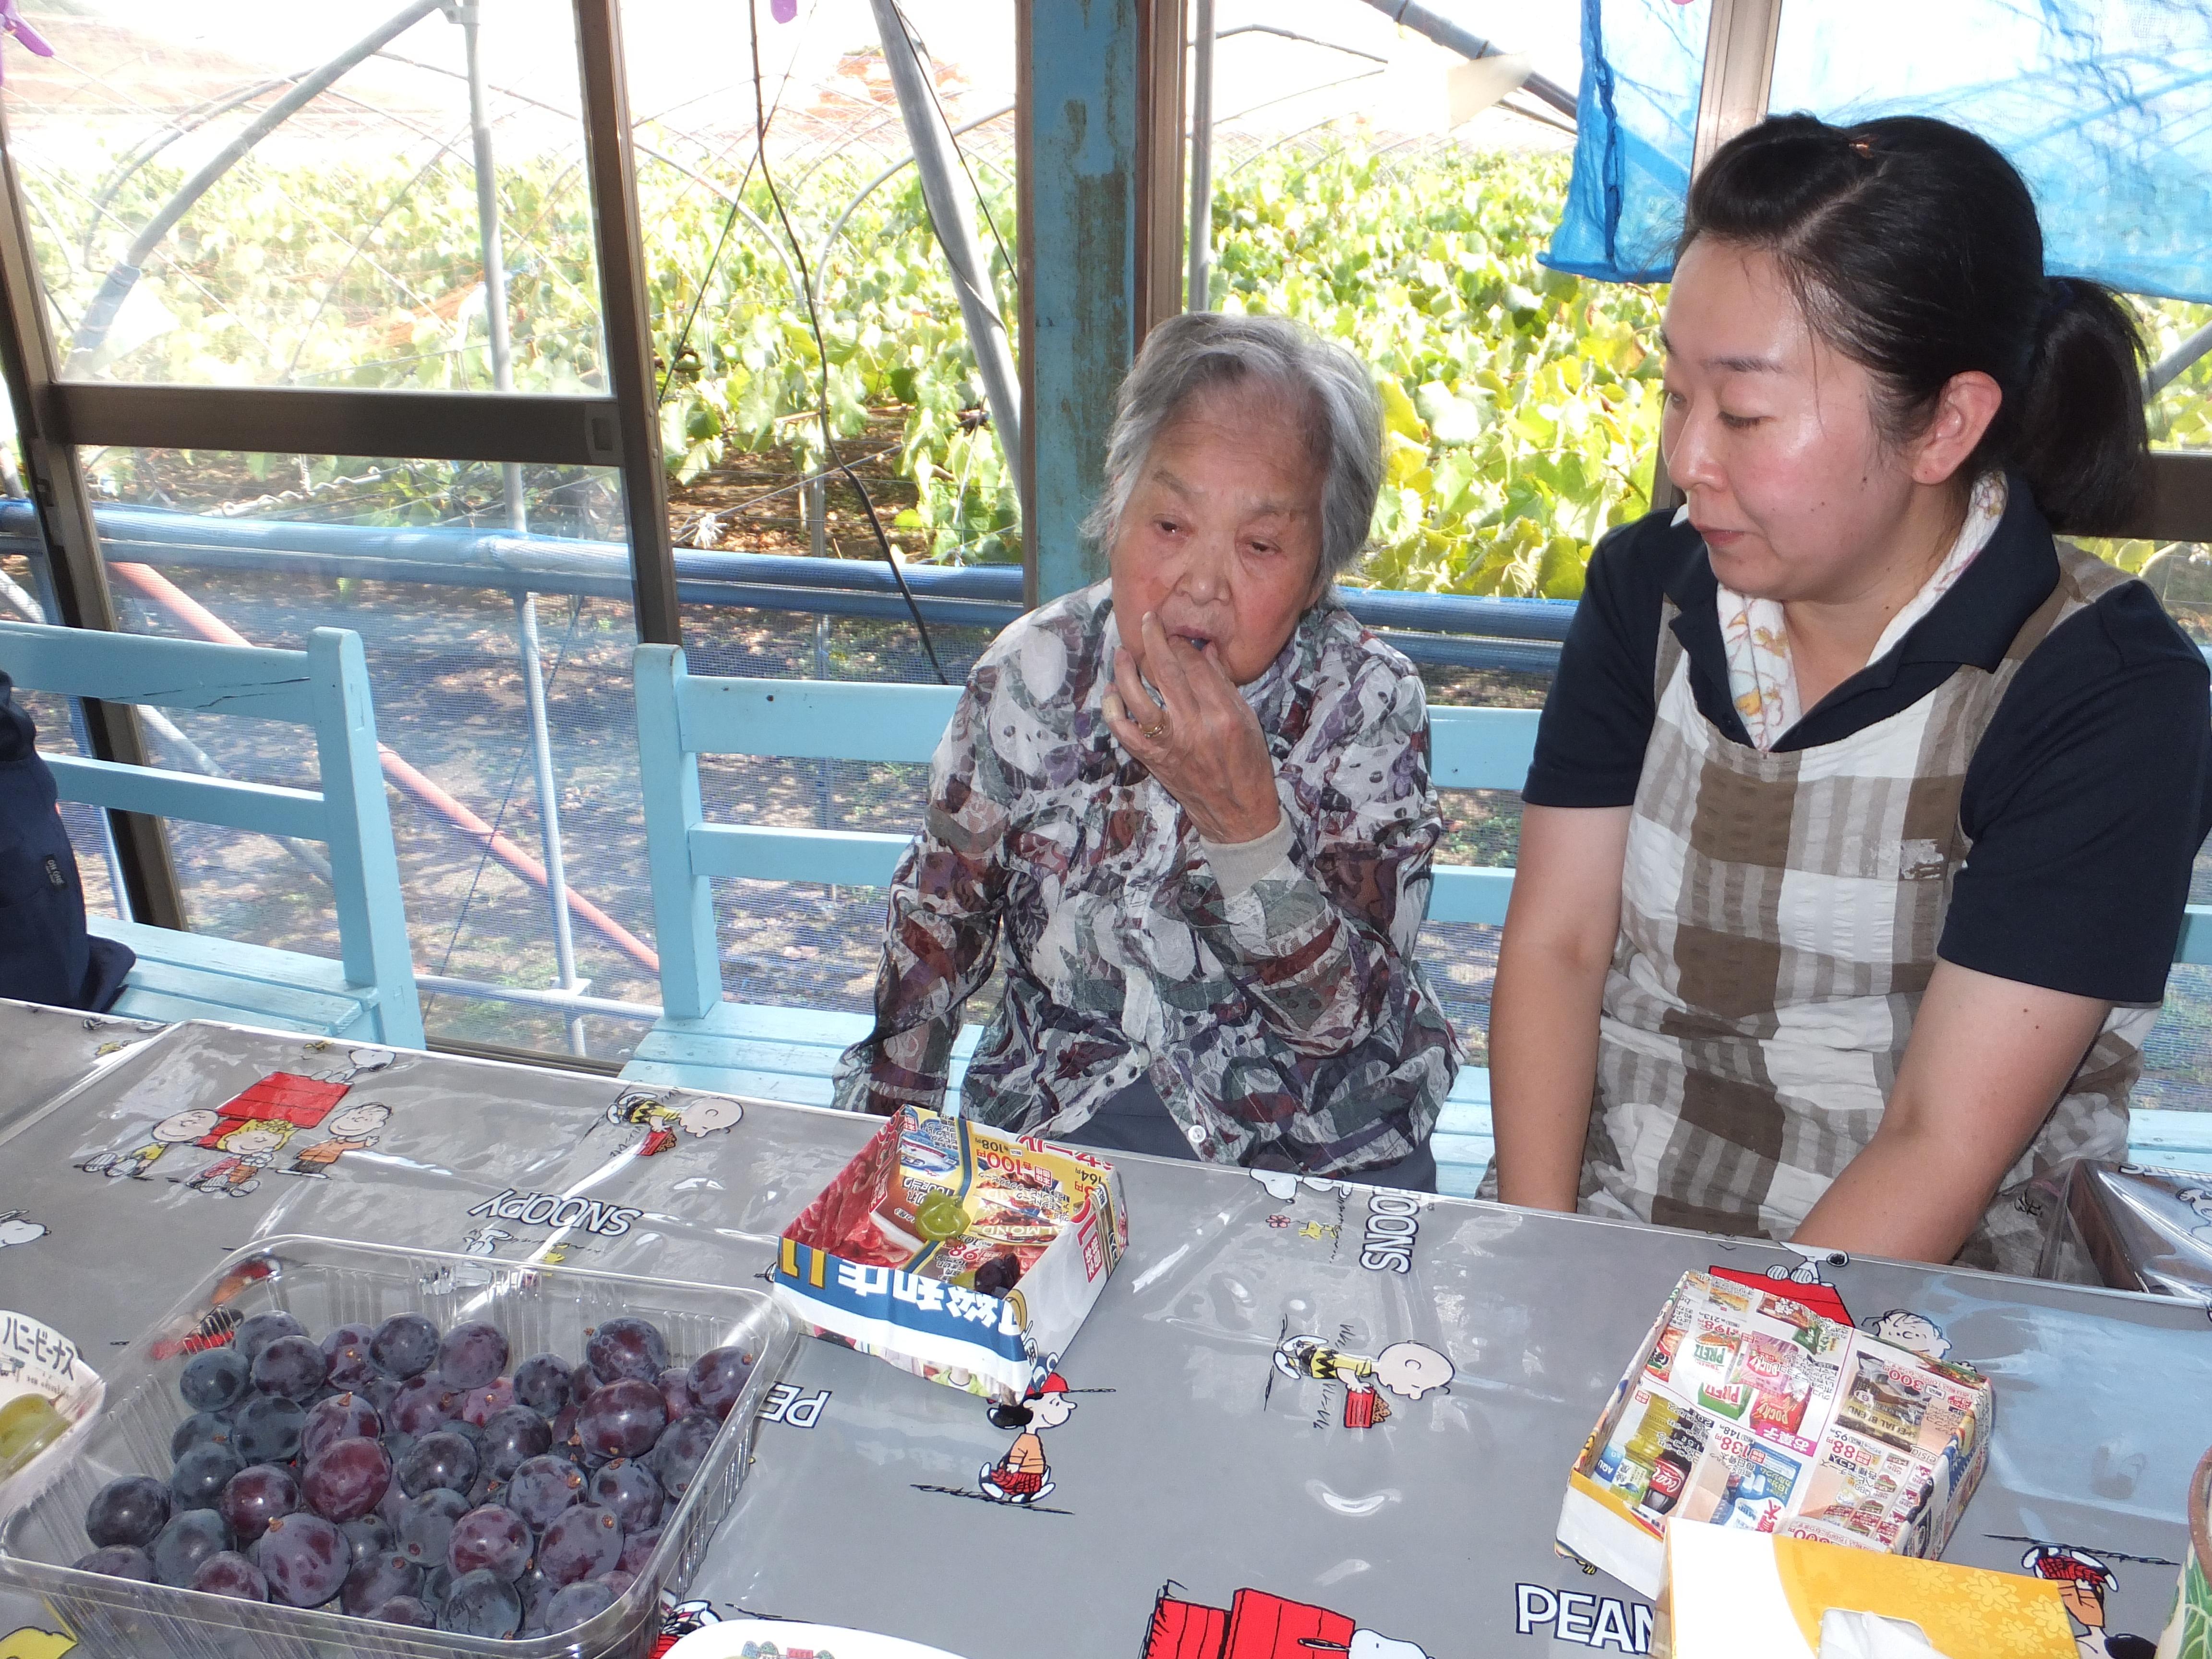 ぶどう 団地 大平 栃木市でぶどうといえば大平町ぶどう団地。今が旬のぶどうを食べてみた